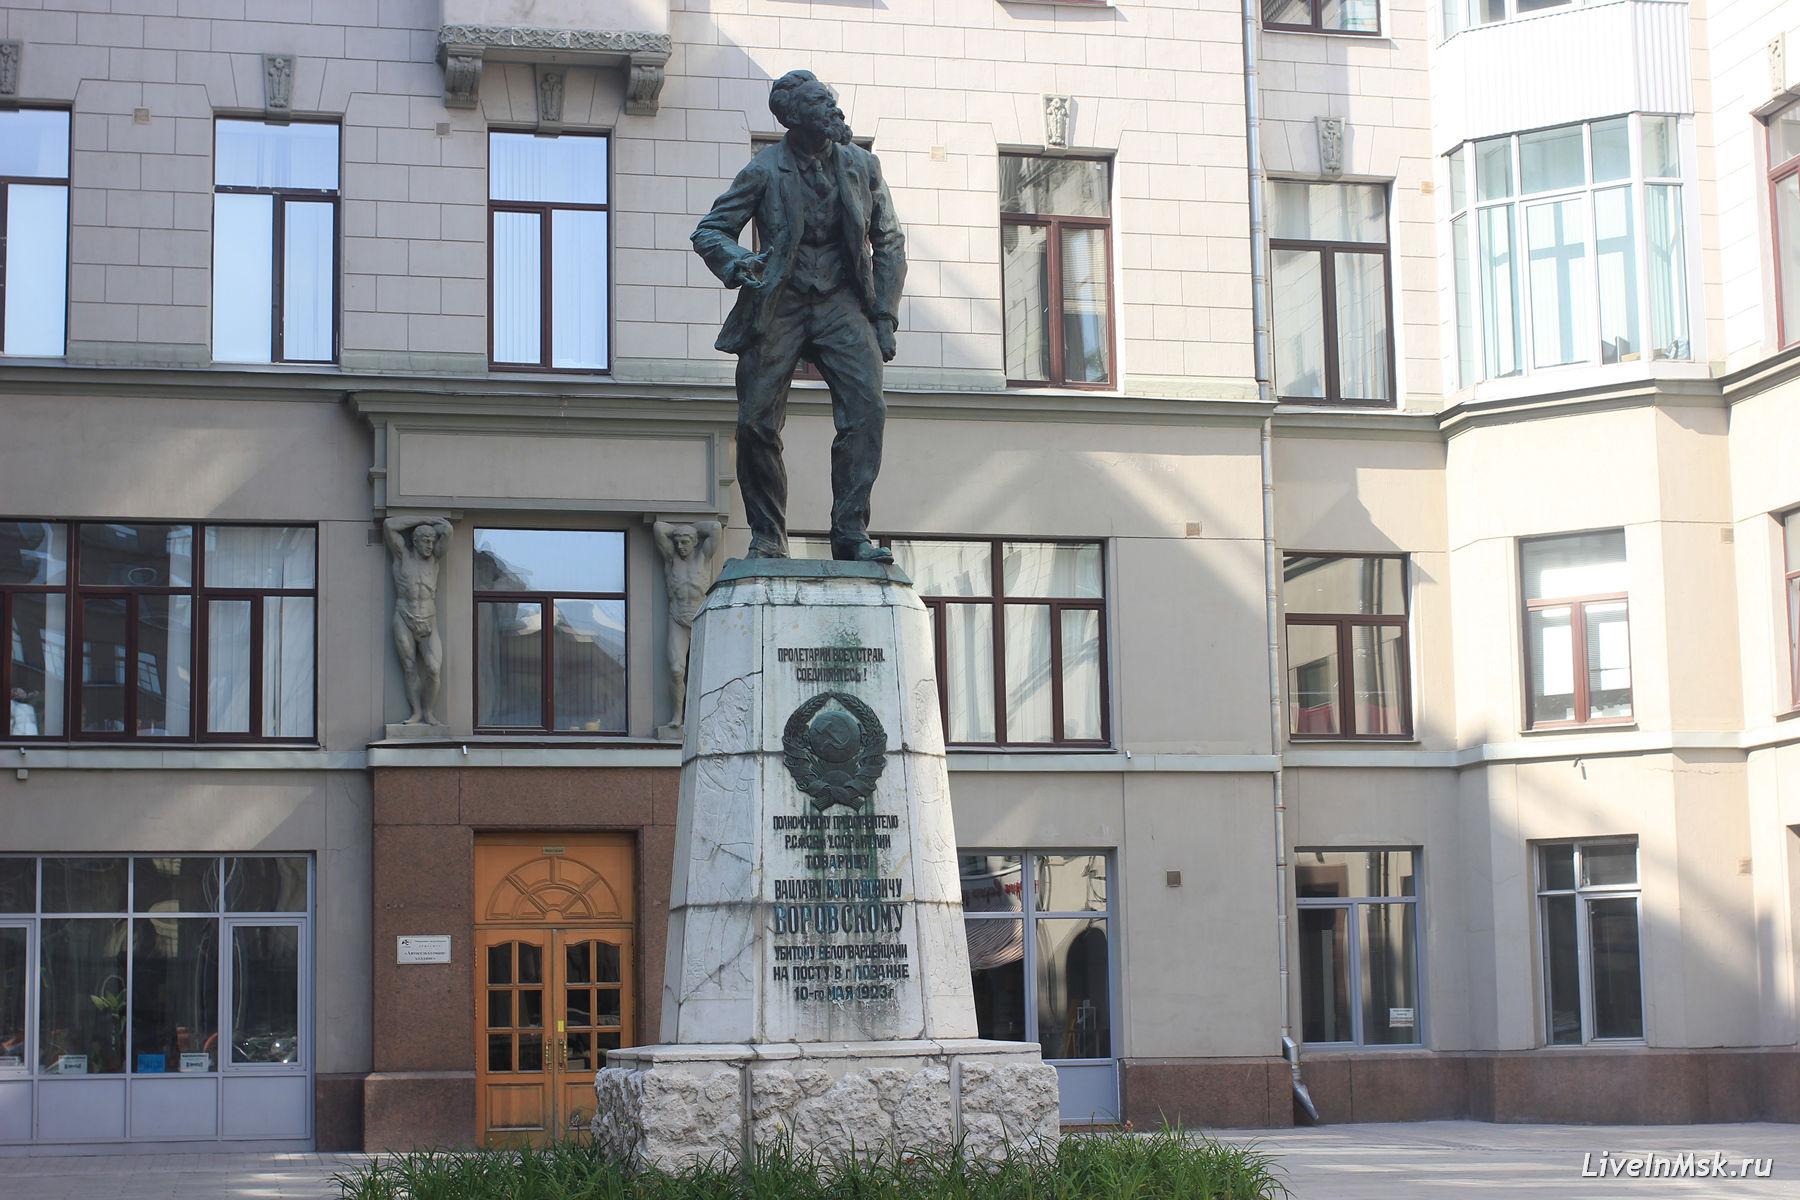 Памятник Воровскому, фото 2017 года